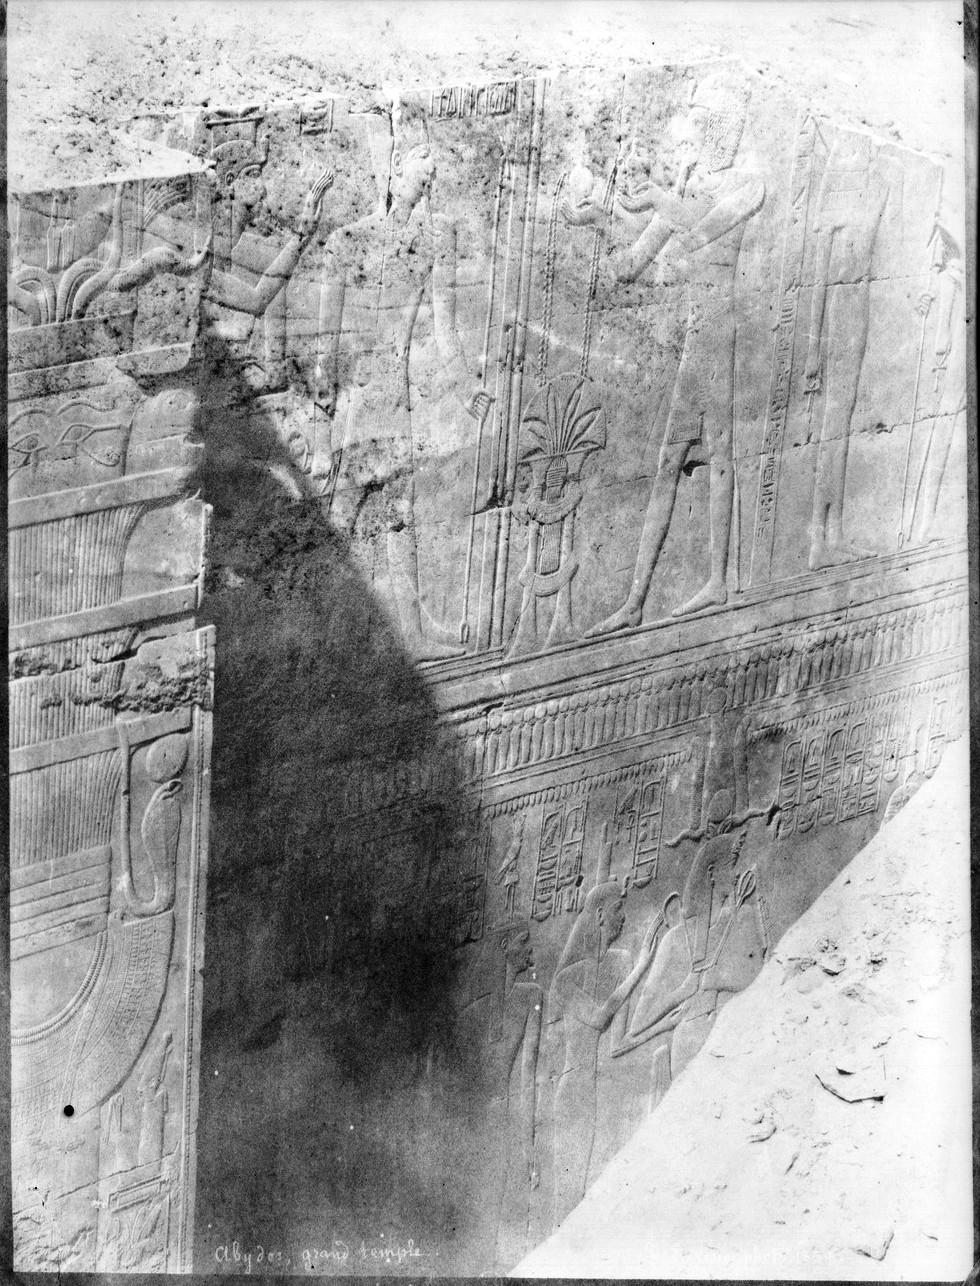 Абидос. Большой храм. Стена с рельефами